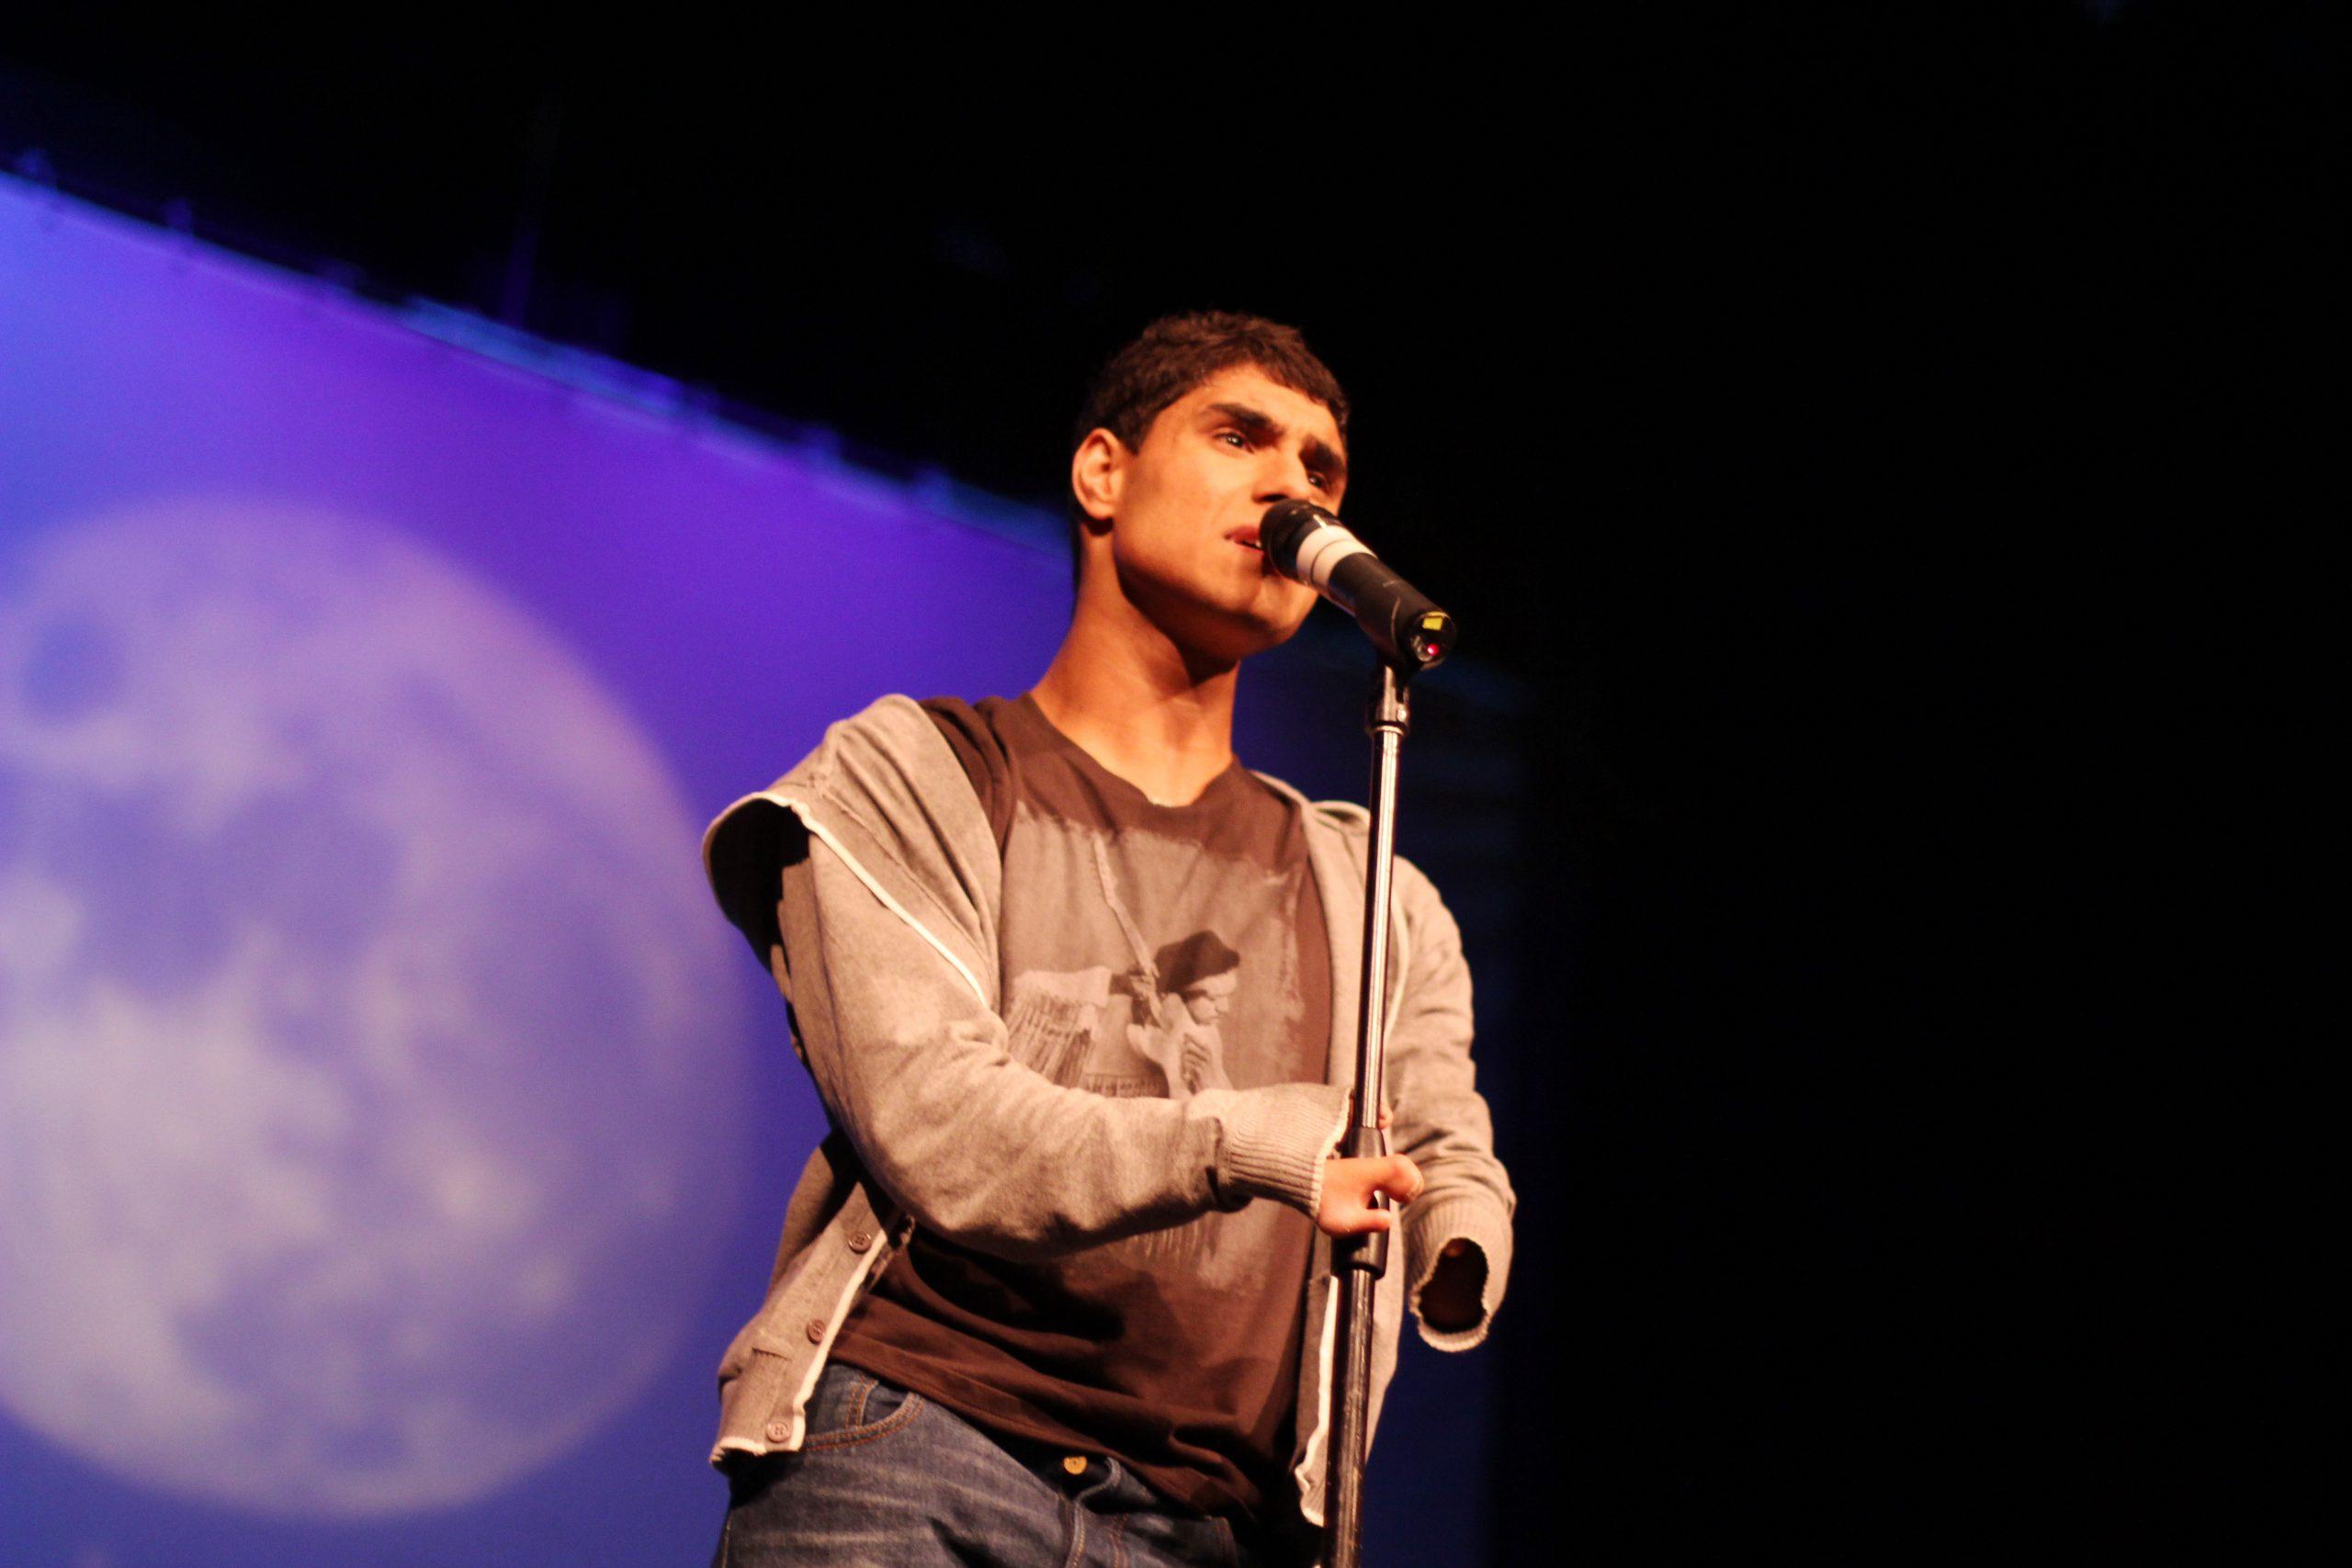 Emmanuel Kelly's First Concert